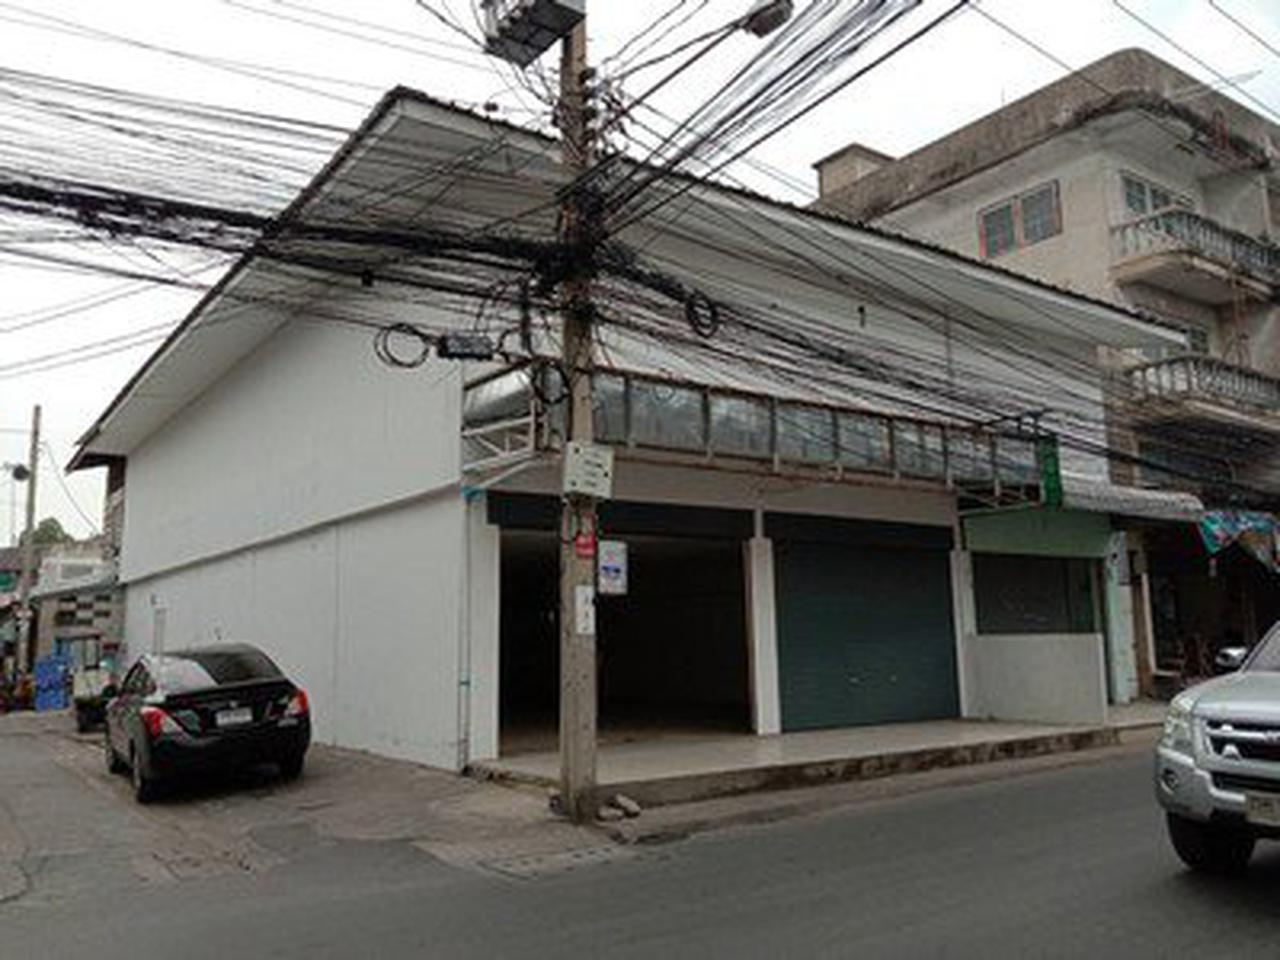 ให้เช่าอาคารพาณิชย์ 4 คูหา  2 ชั้น ถนนพหลโยธิน54/1 รูปที่ 1